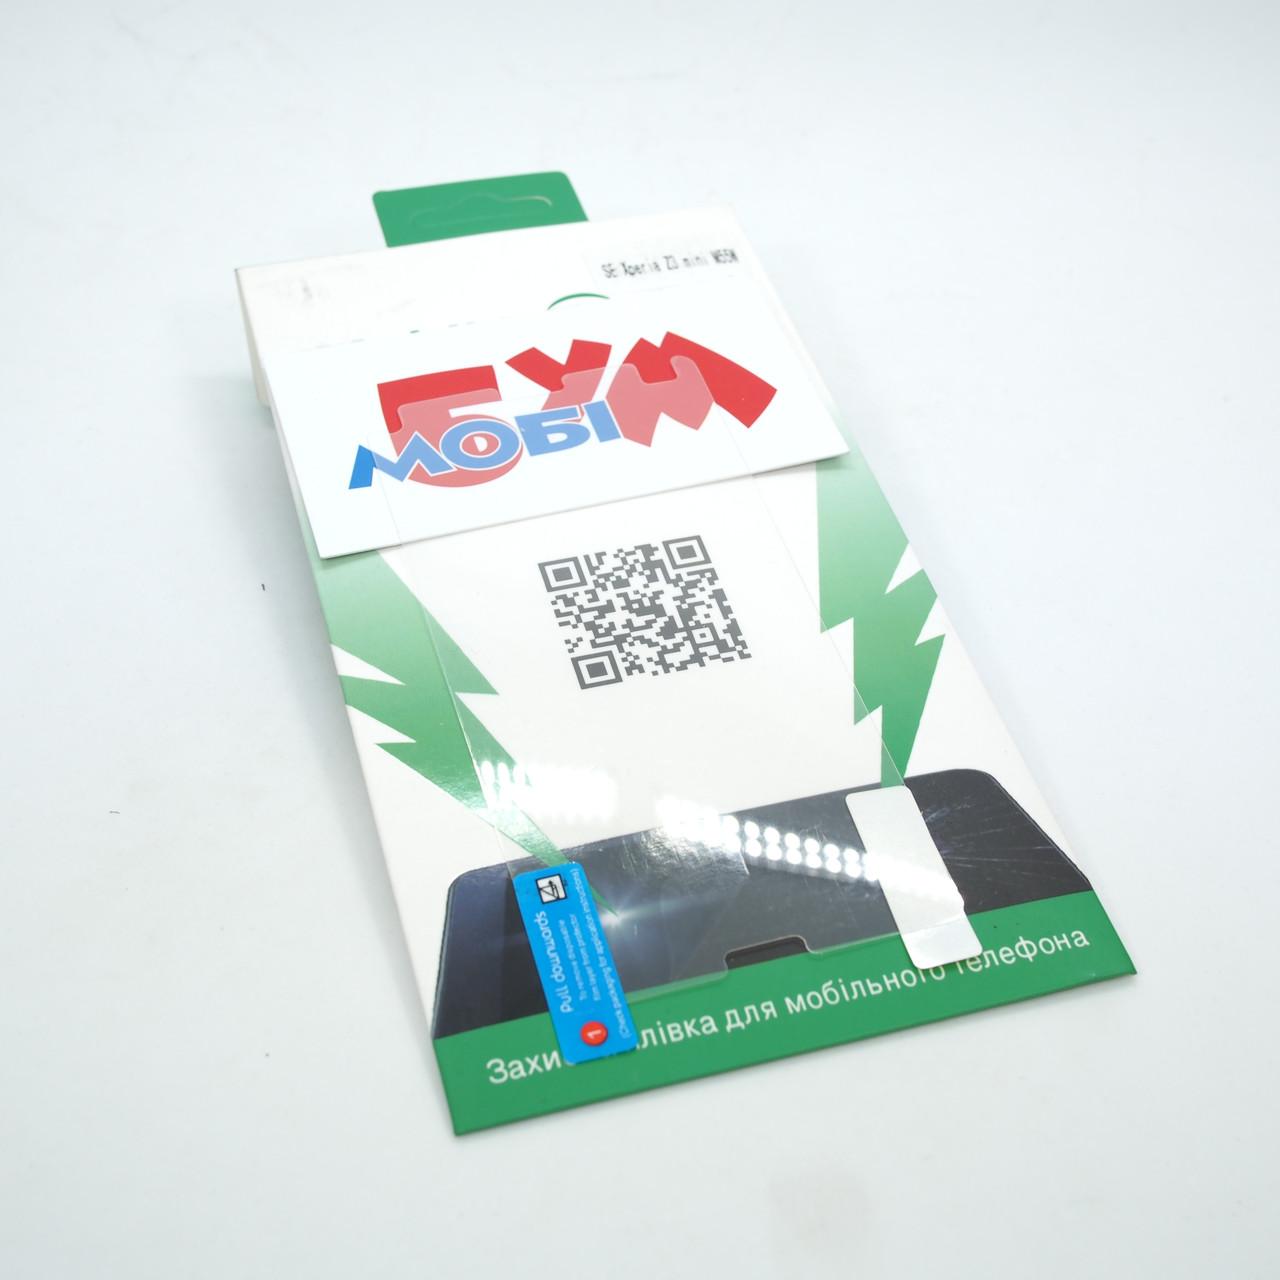 Mobiking Sony Xperia Z3 mini Для телефона